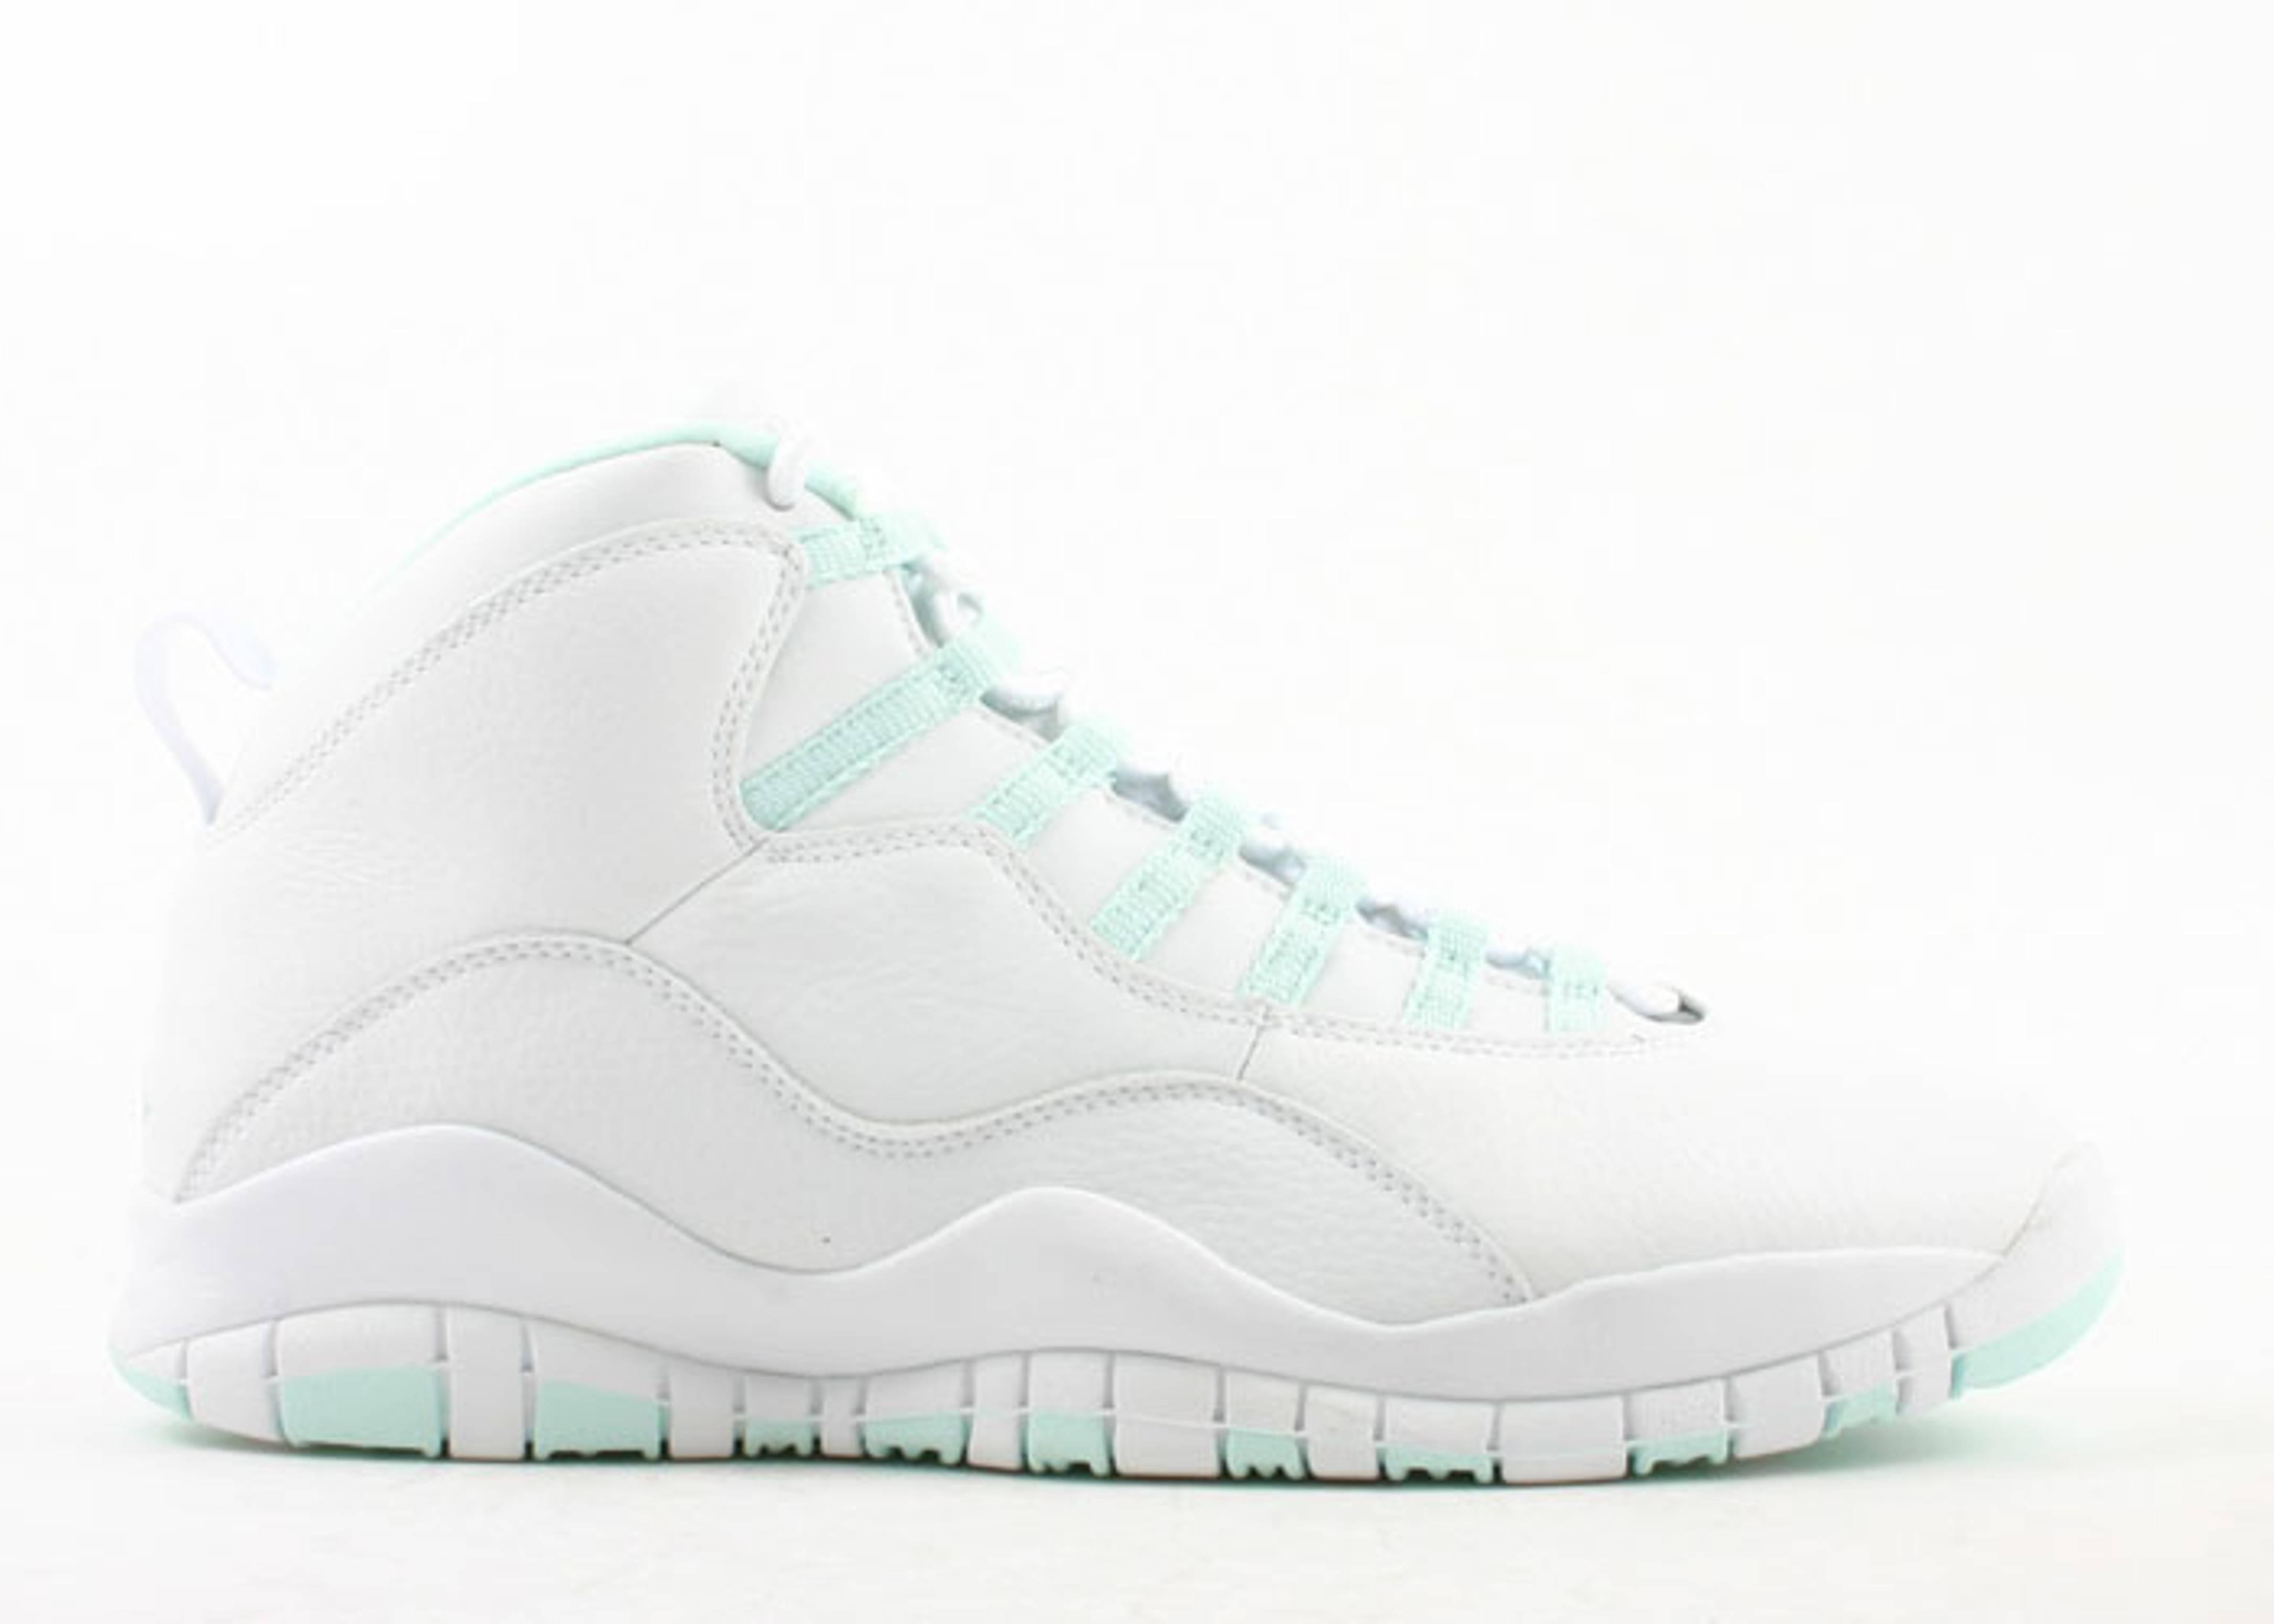 ed92aaa28513 Womens Air Jordan 10 Retro - Air Jordan - 311770 131 - white ice ...